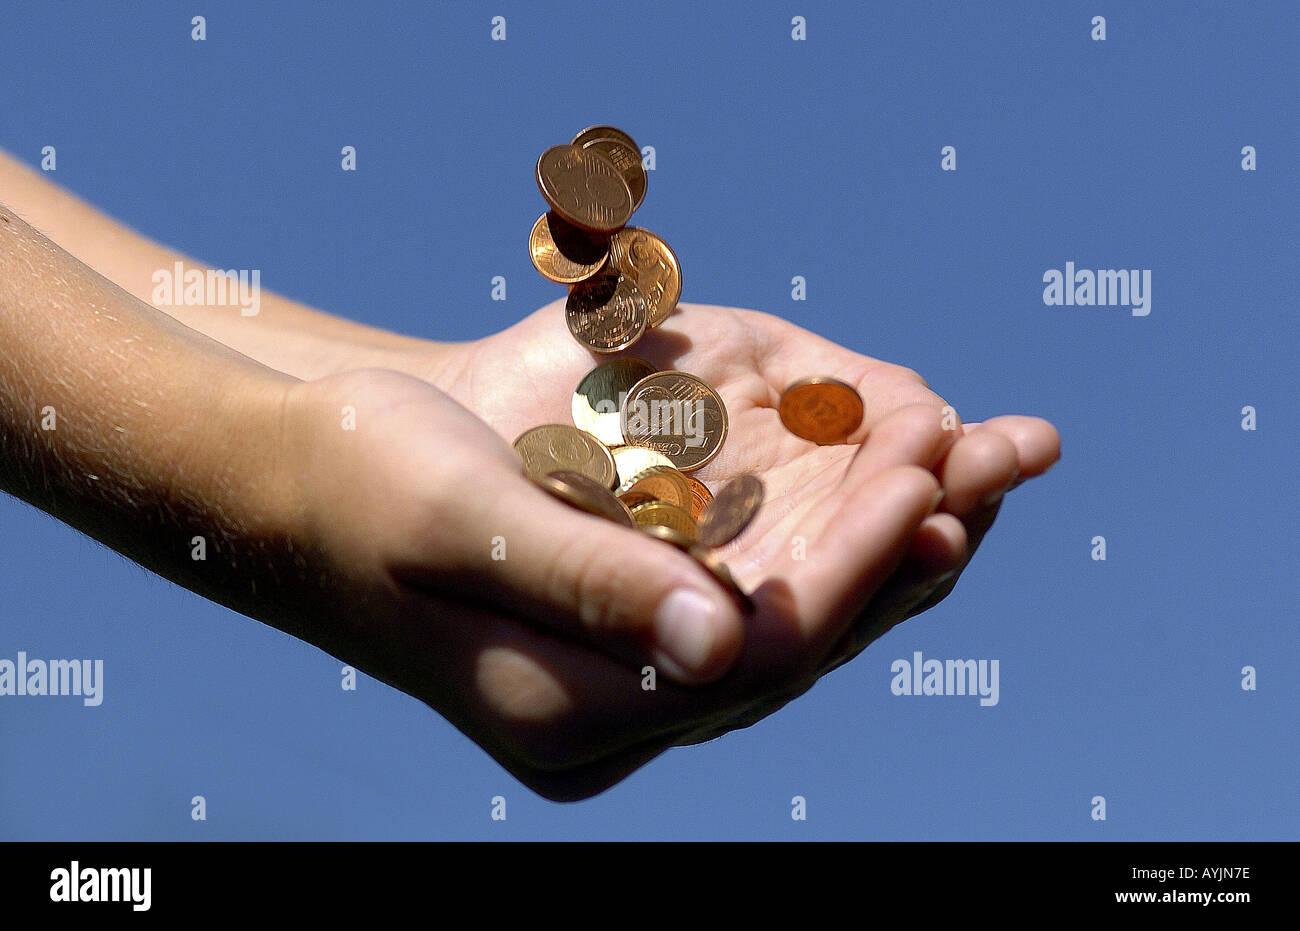 Geld bekommen - Stock Image